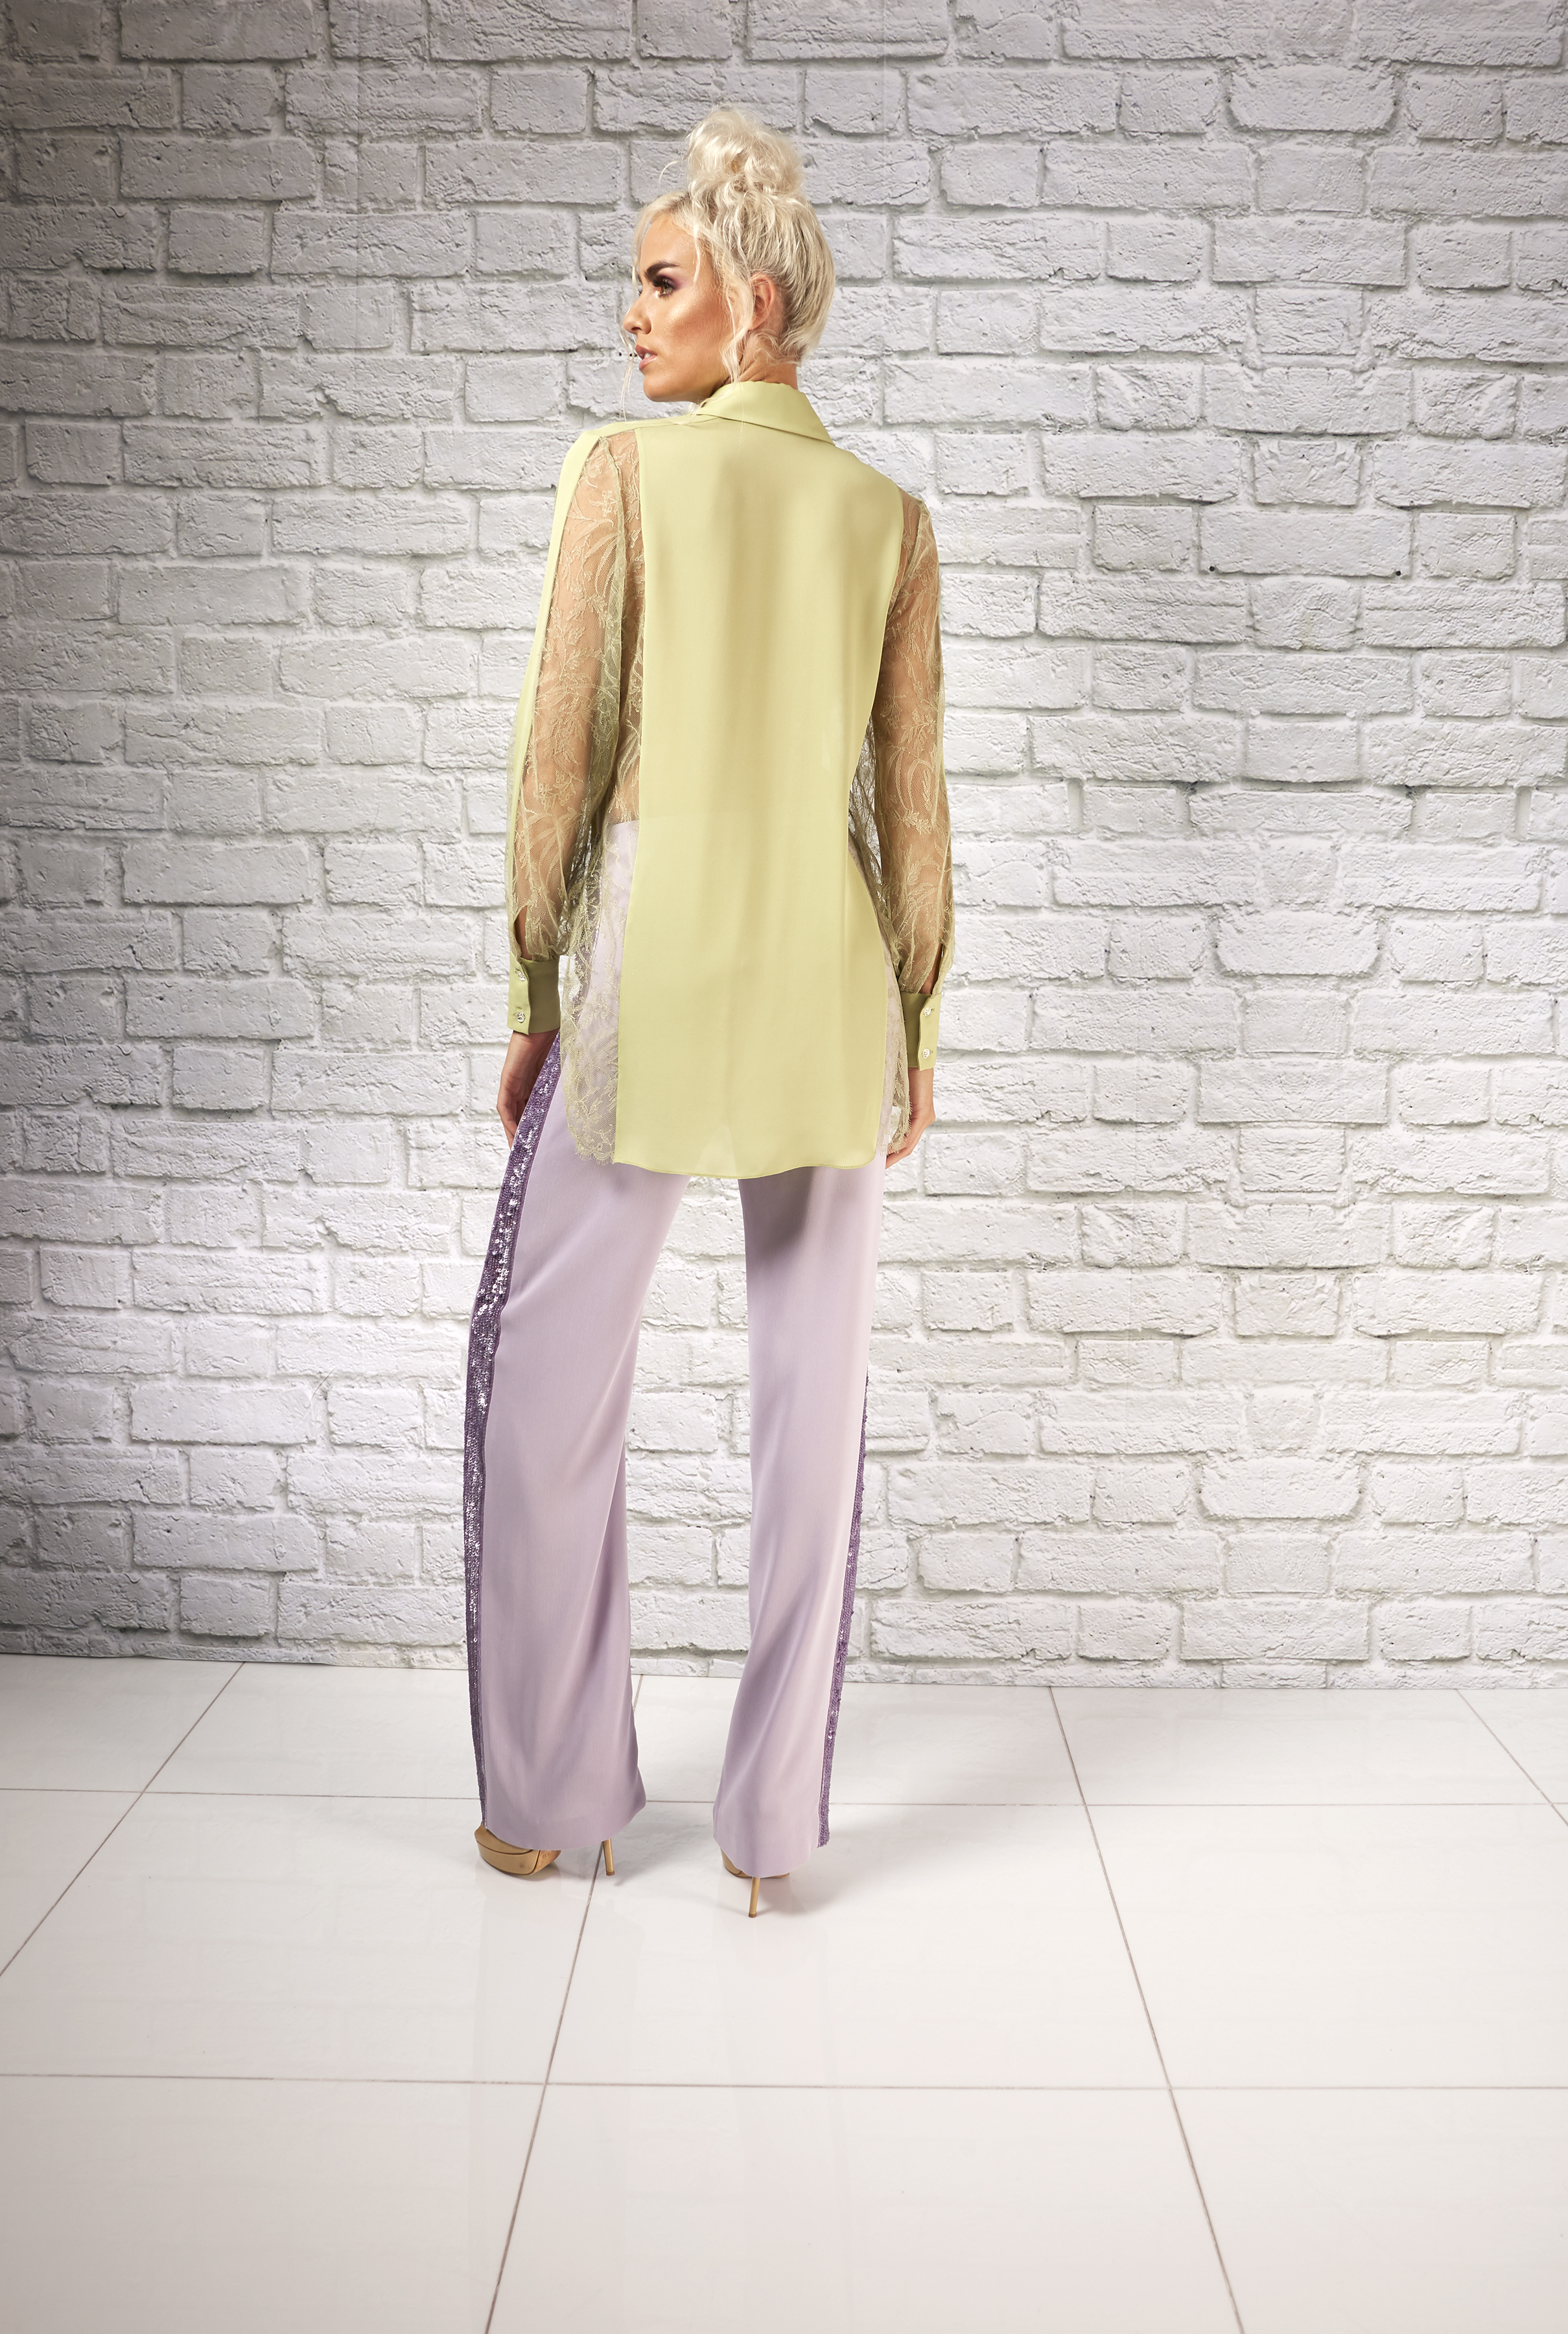 Spring Evolution-Ariana &kesha shirt-B_0